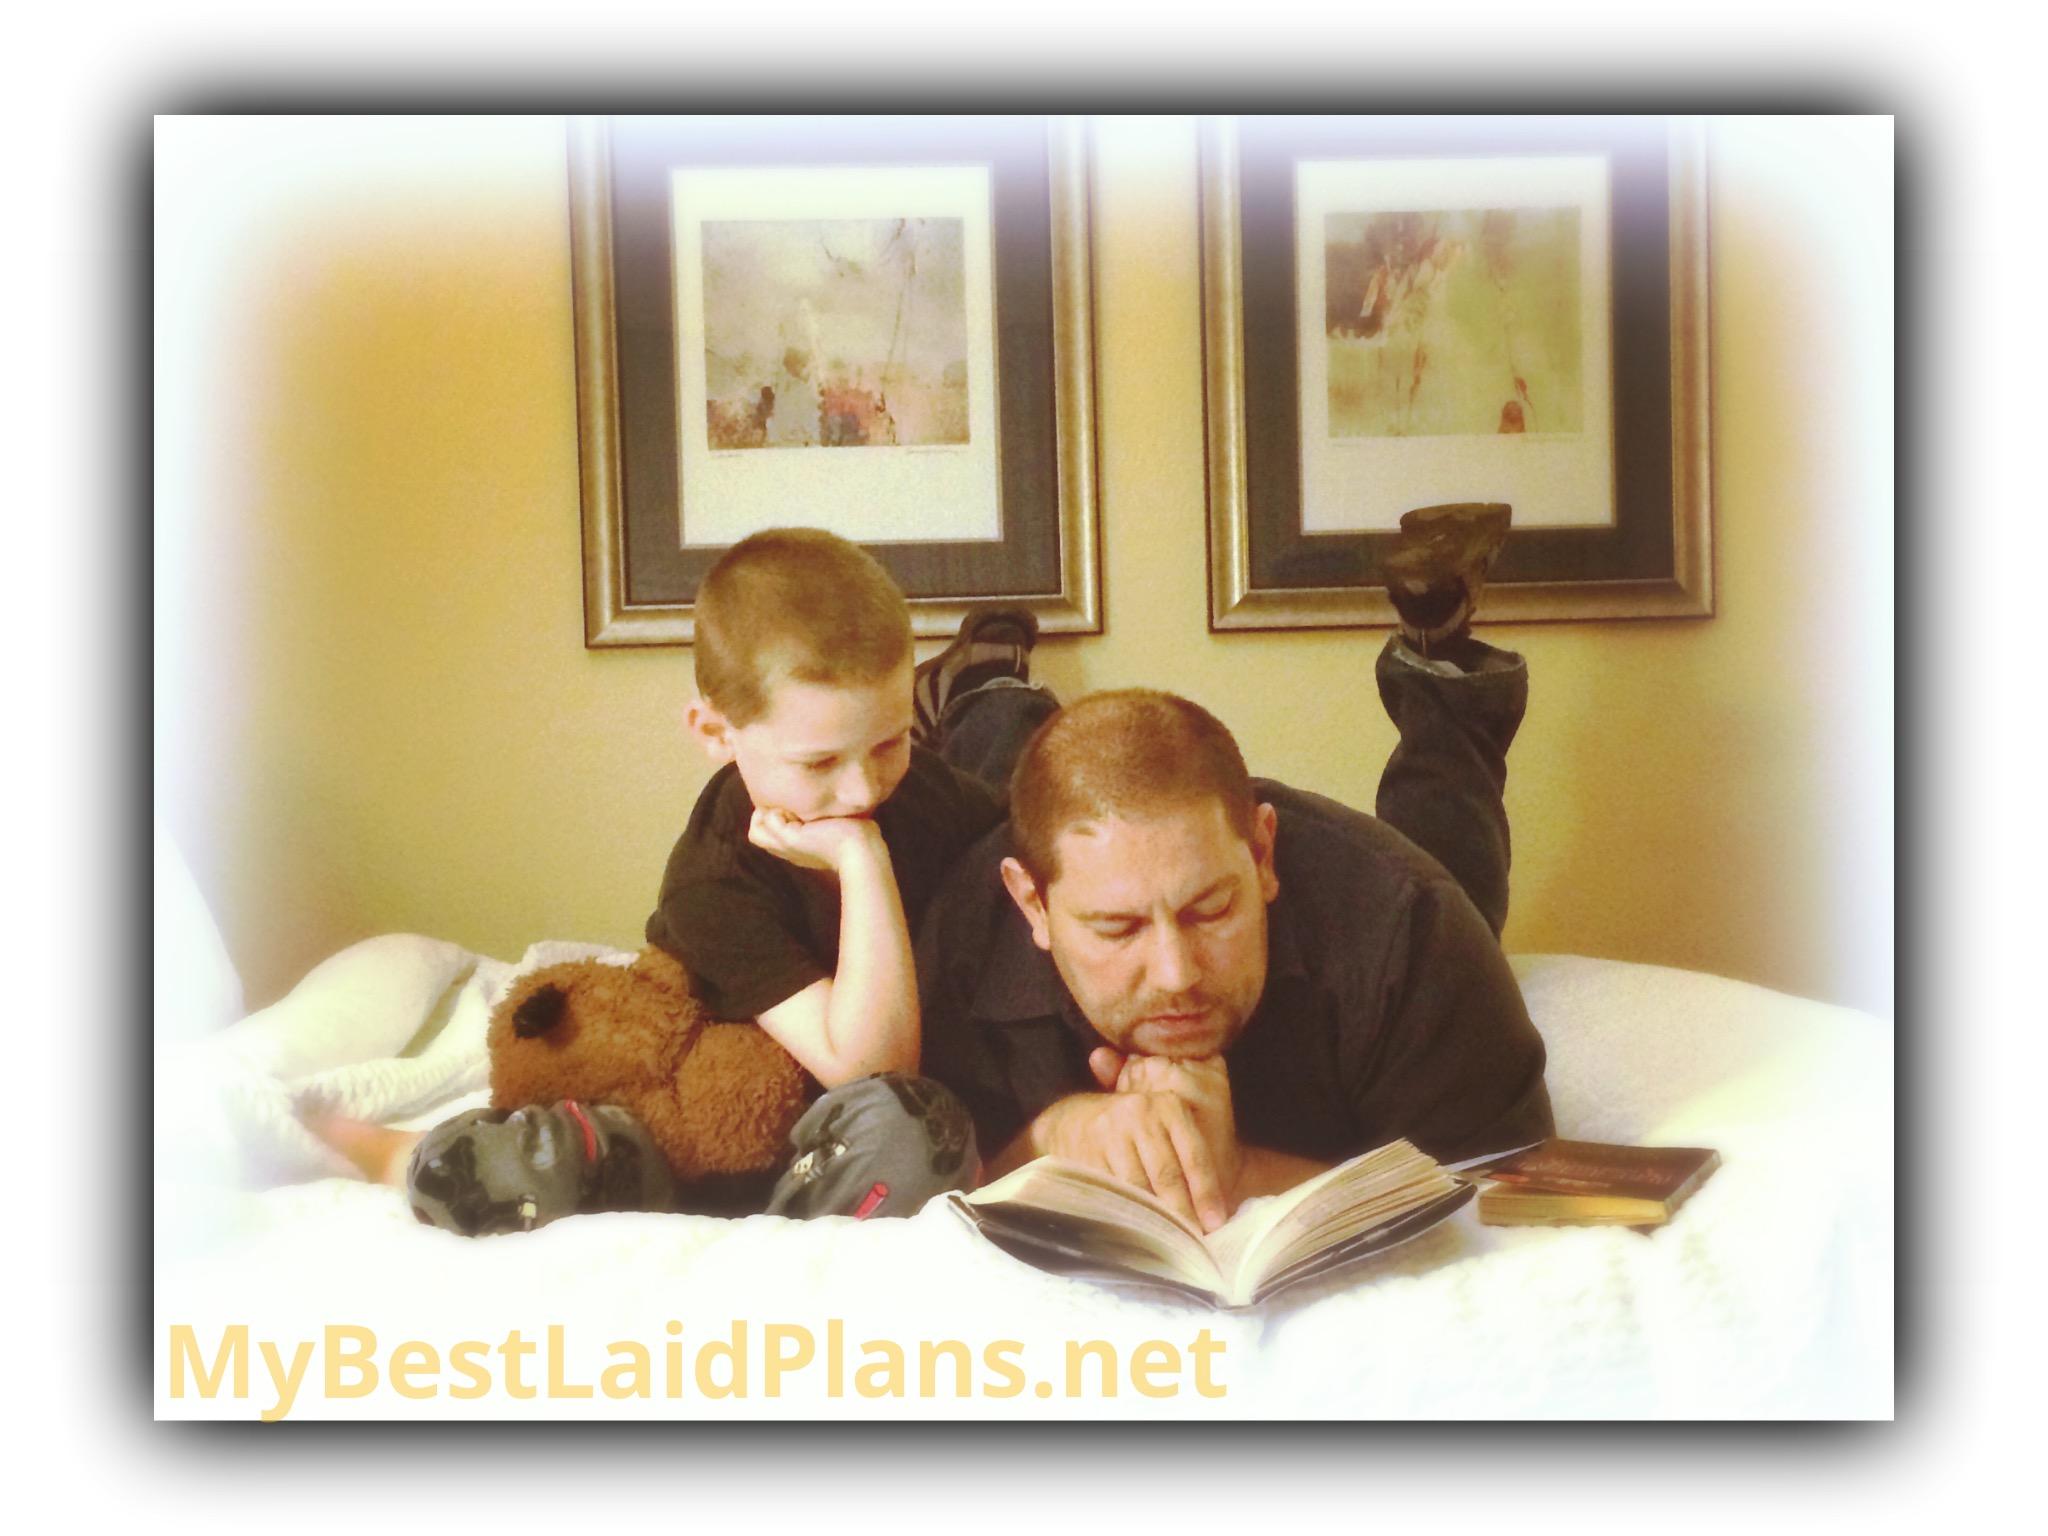 The Best Laid Plans Shorter